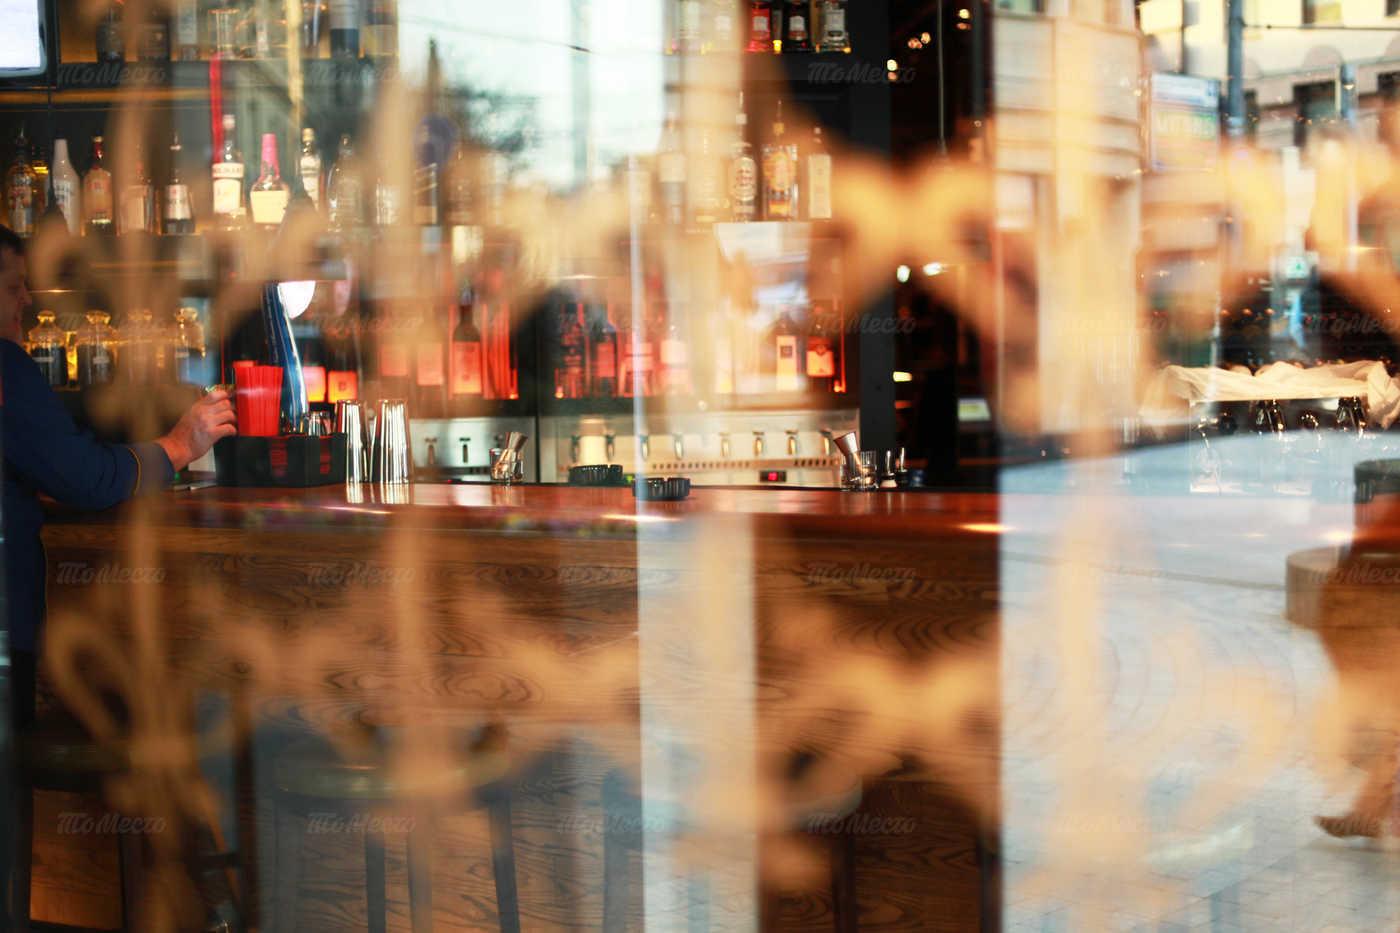 Меню бара, кафе La Bottega (Ла Боттега) на Лесной улице